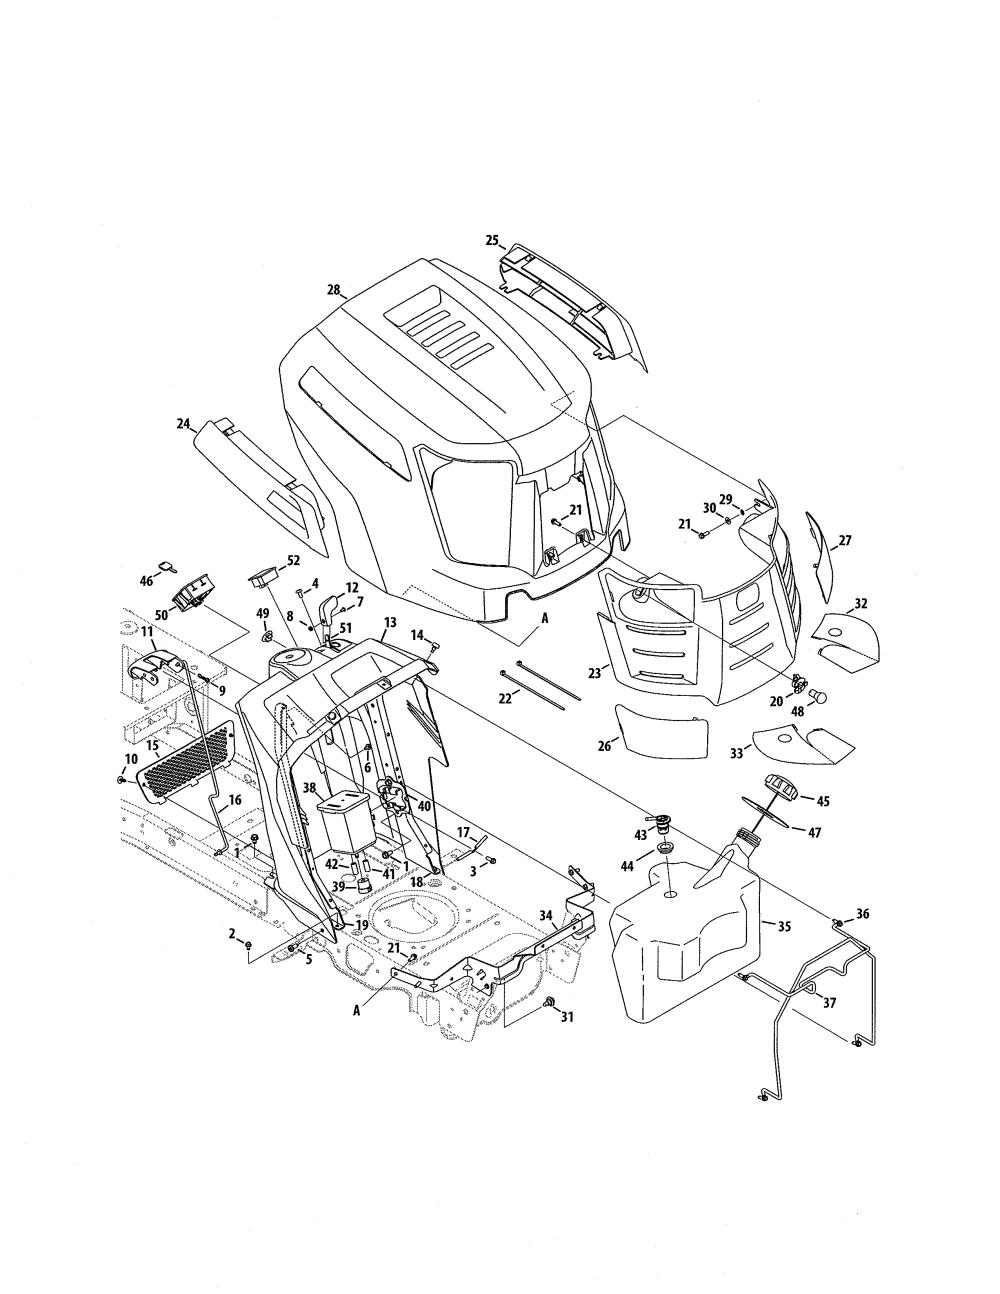 medium resolution of cub cadet ltx1042 wiring diagram